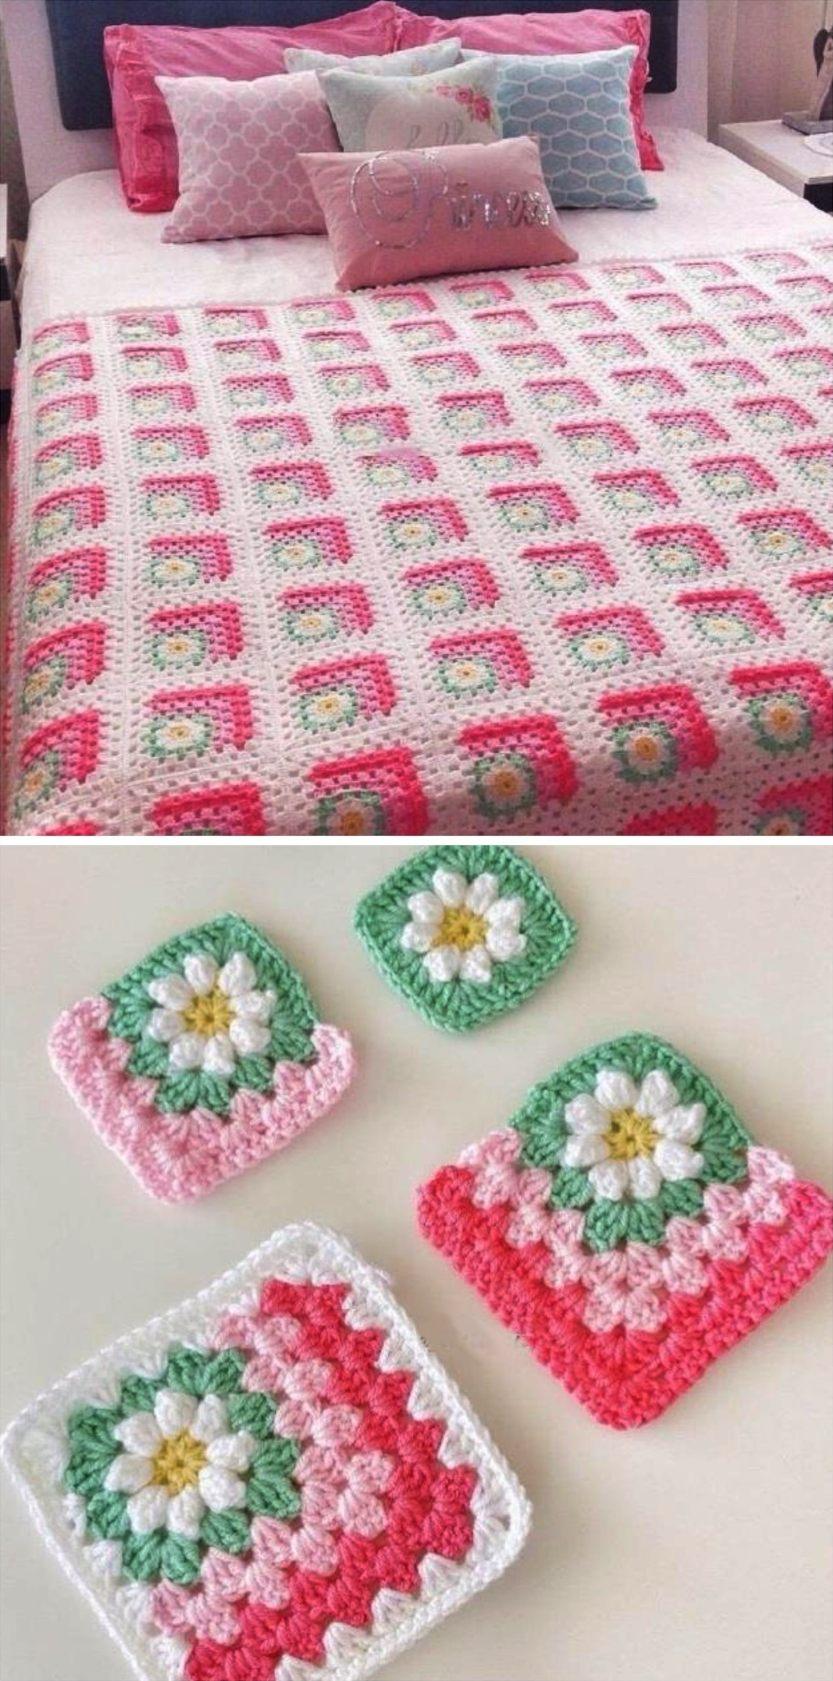 Daisy blanket P